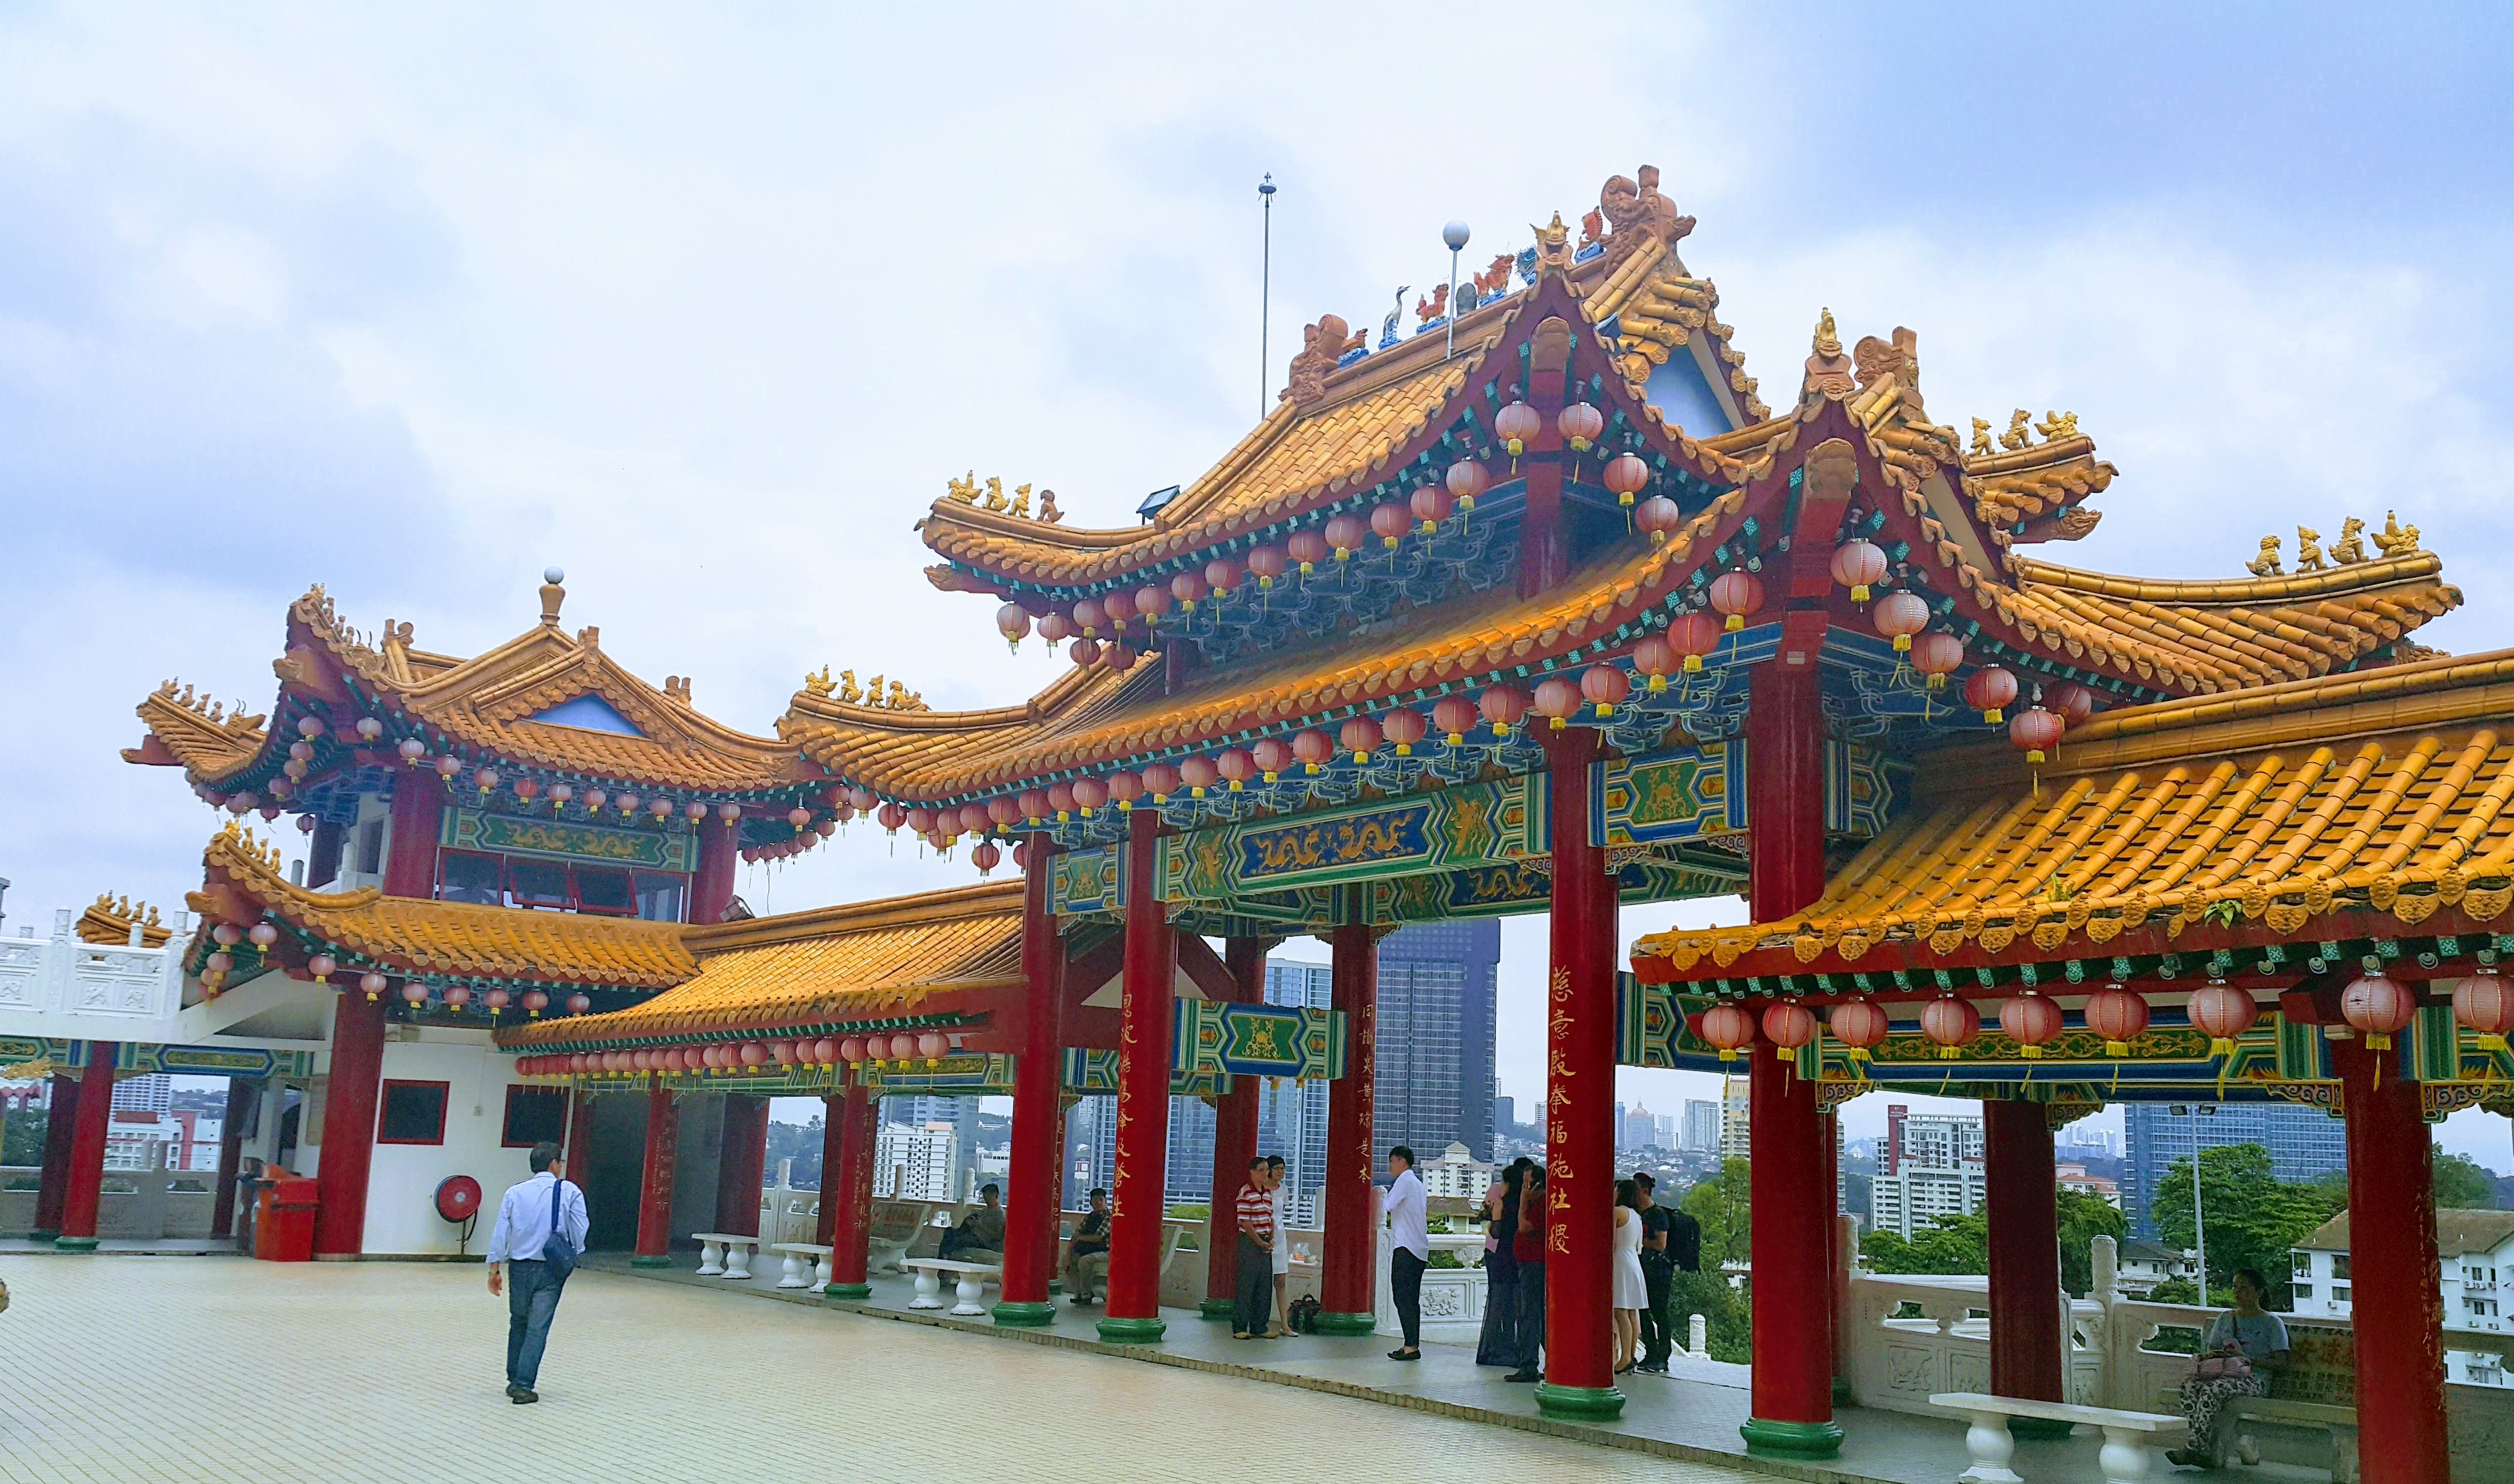 Thean Hou Temple, Çin Budist Tapınağı Girişi